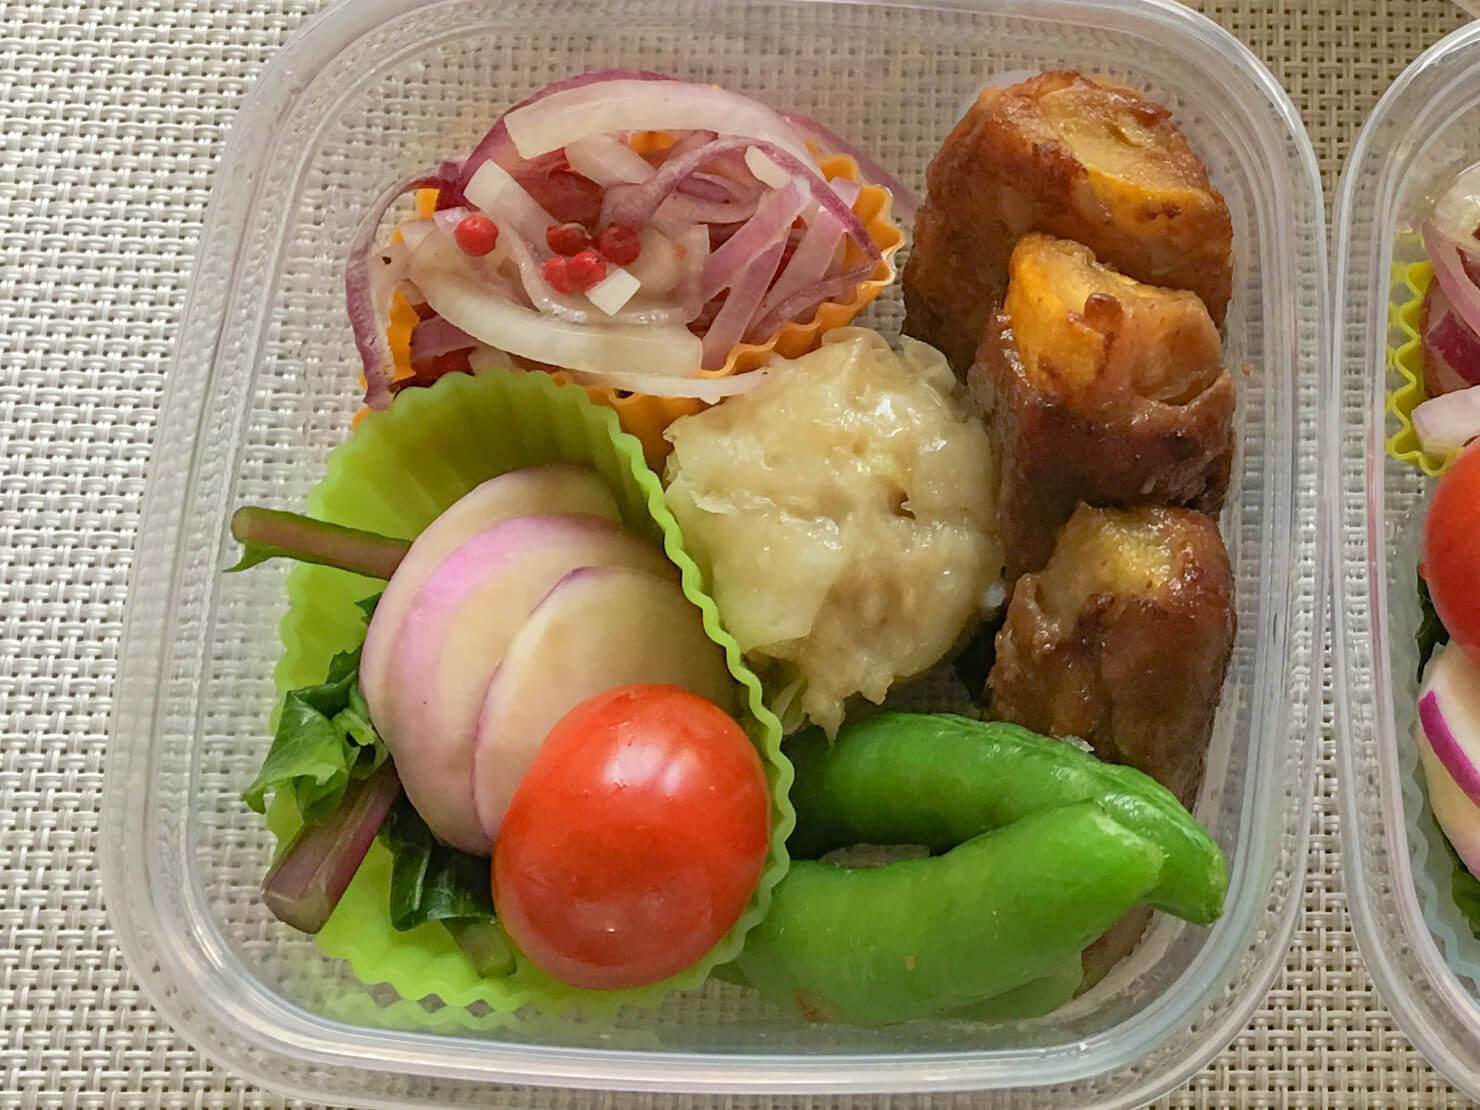 ズッキーニの肉巻きの入った弁当の写真